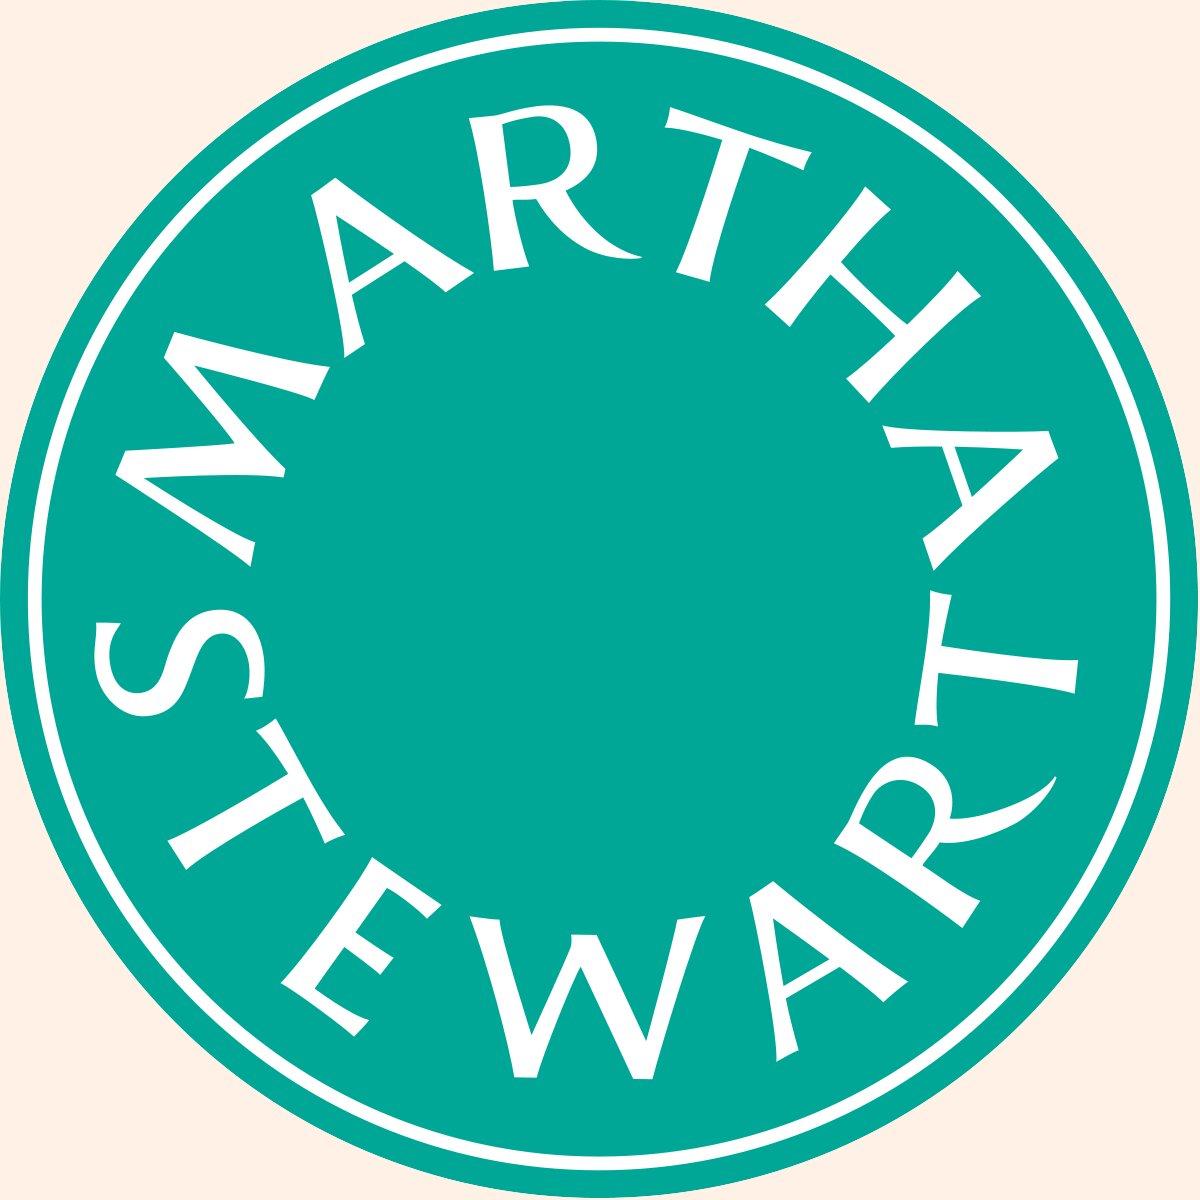 مارتا استوارت، میلیاردری خانه دار